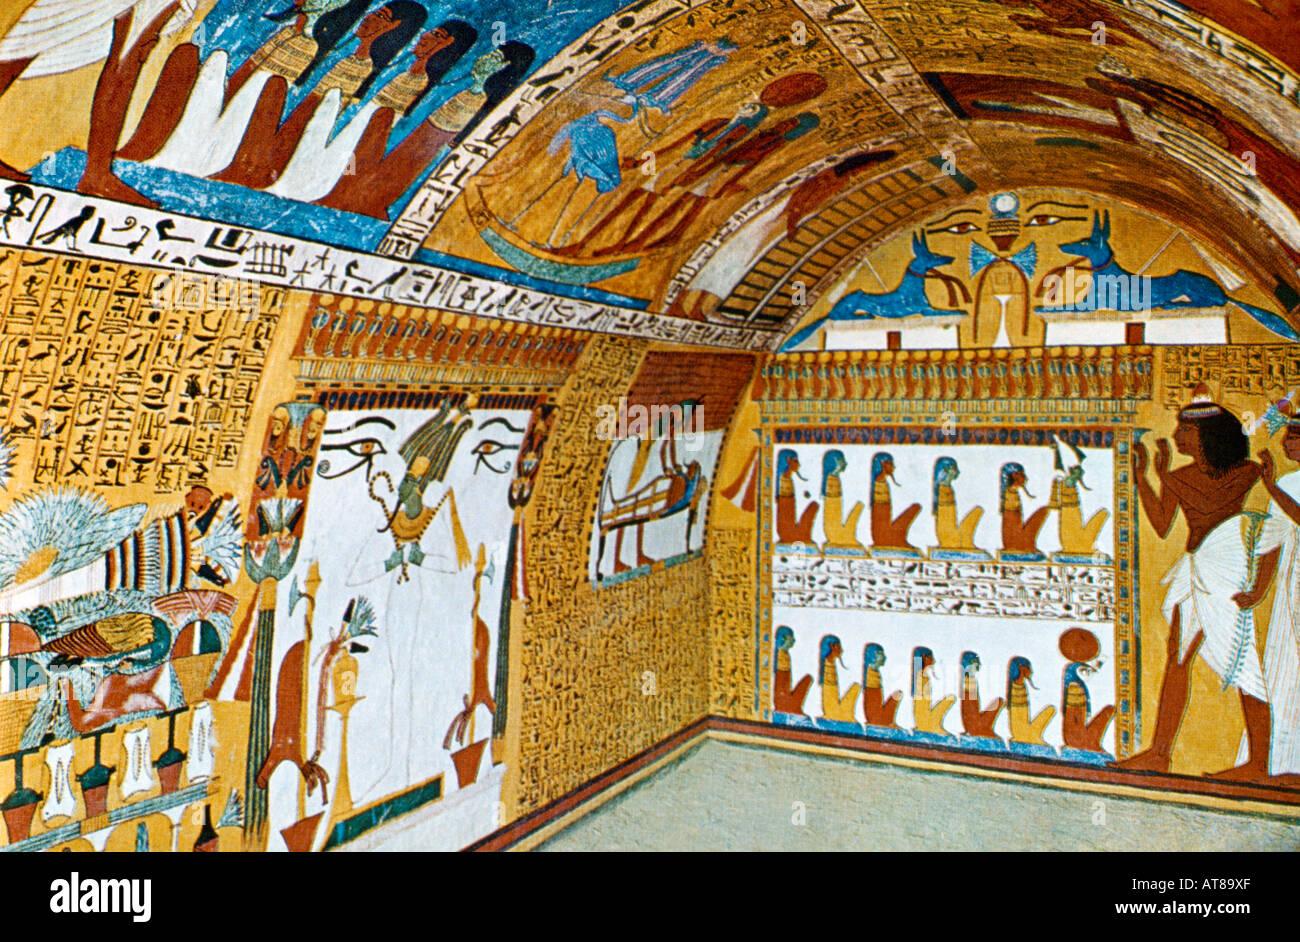 Luxor Egypt Deir El-madina Hinister Senedgem Tomb Painting On ...